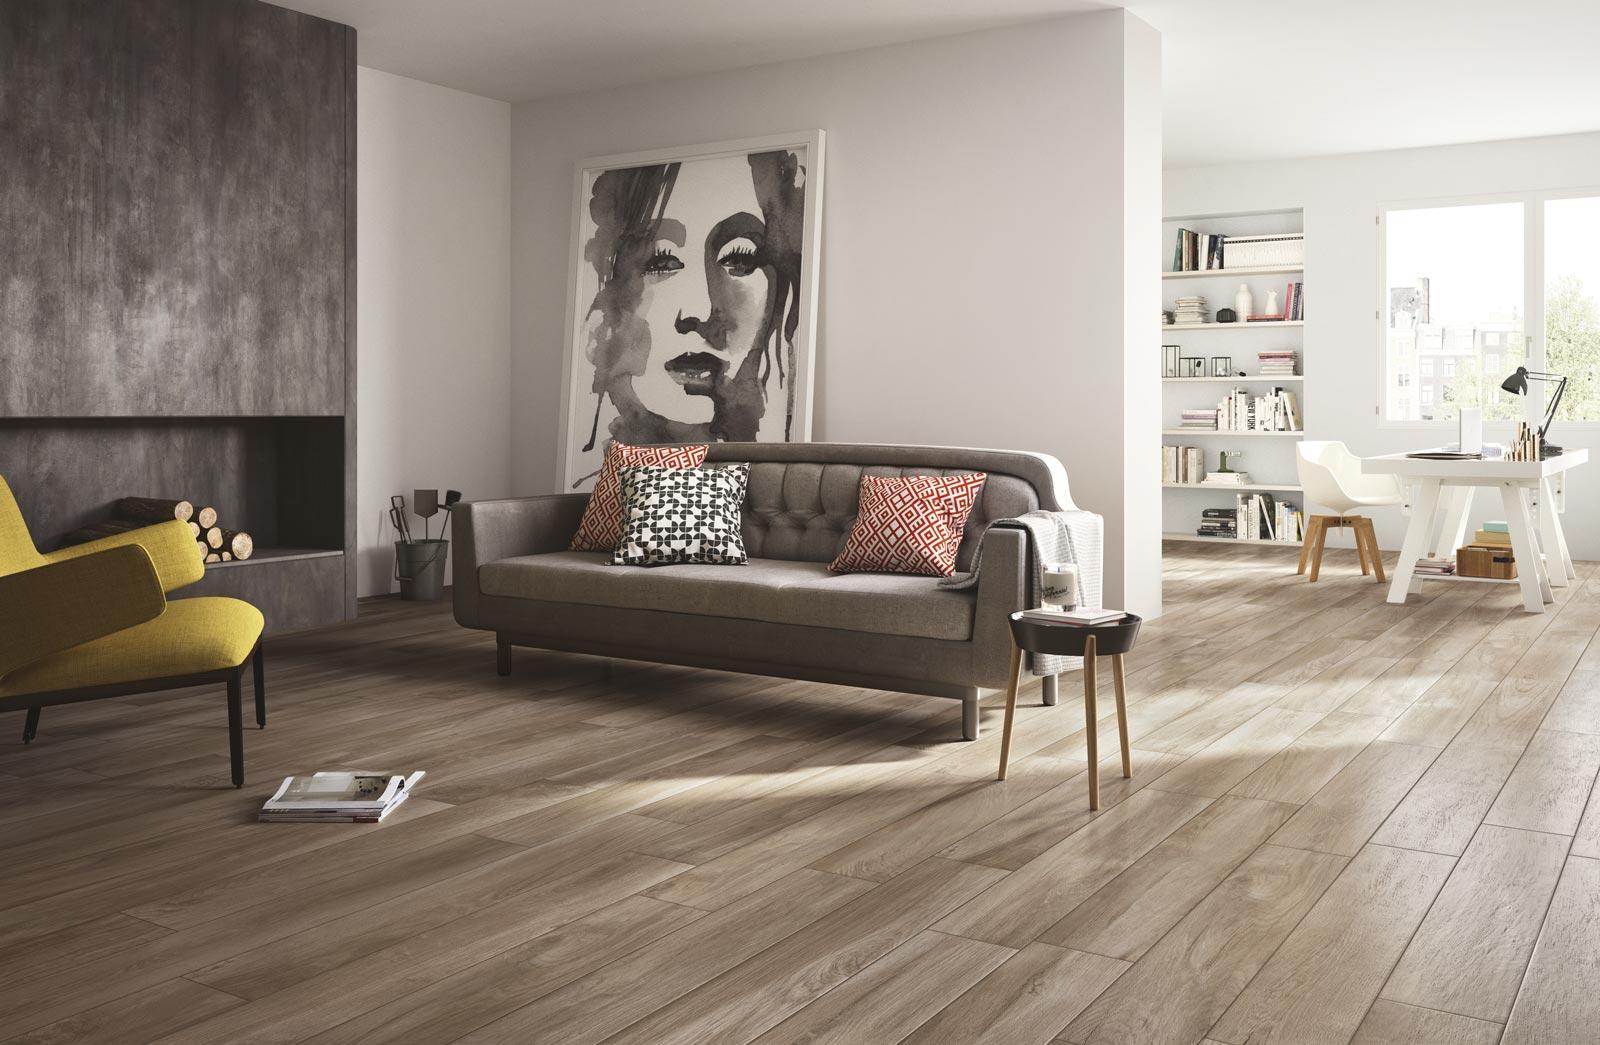 Con Pavimento Effetto Legno : Bagni con pavimento effetto legno. Bagno ...